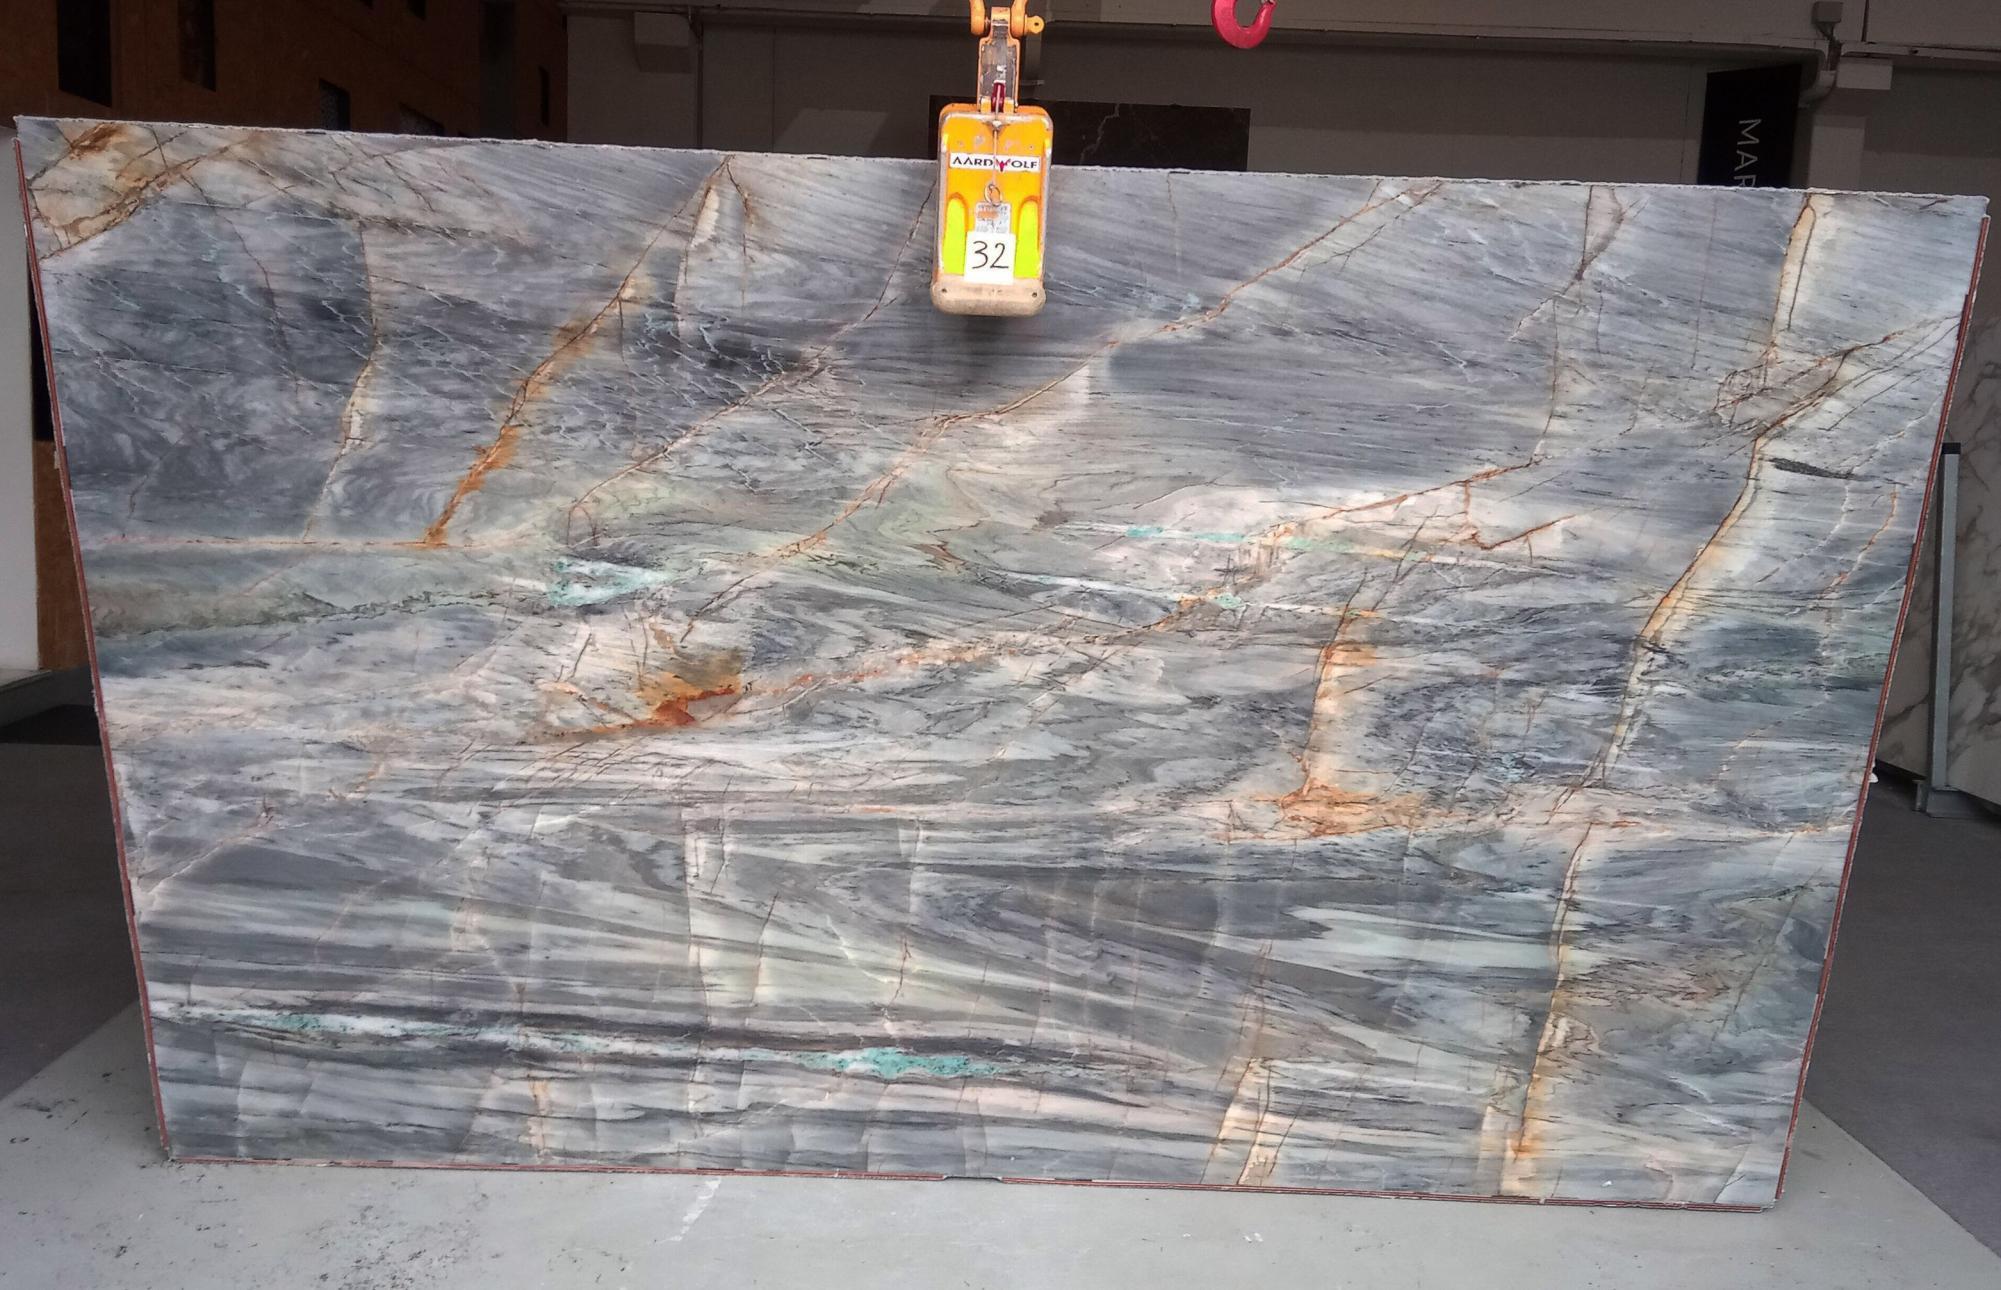 BRITA BLUE Suministro Veneto (Italia) de planchas pulidas en cuarcita natural Z0359 , Slab #32